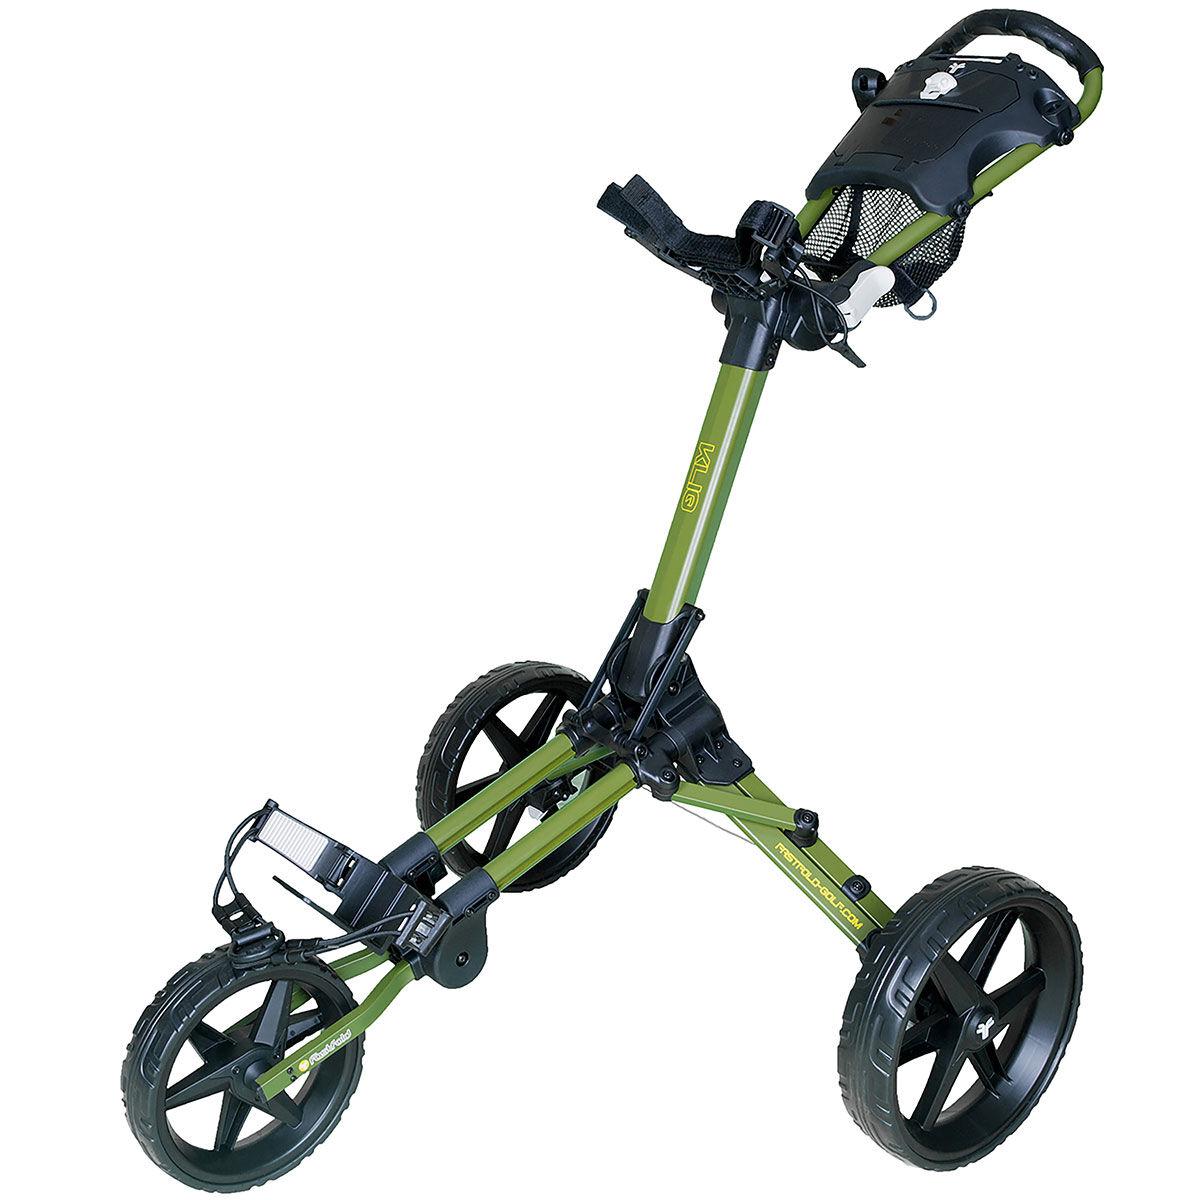 Fast Fold Kliq 3 Wheel Push Golf Trolley, Green/black, One Size | American Golf